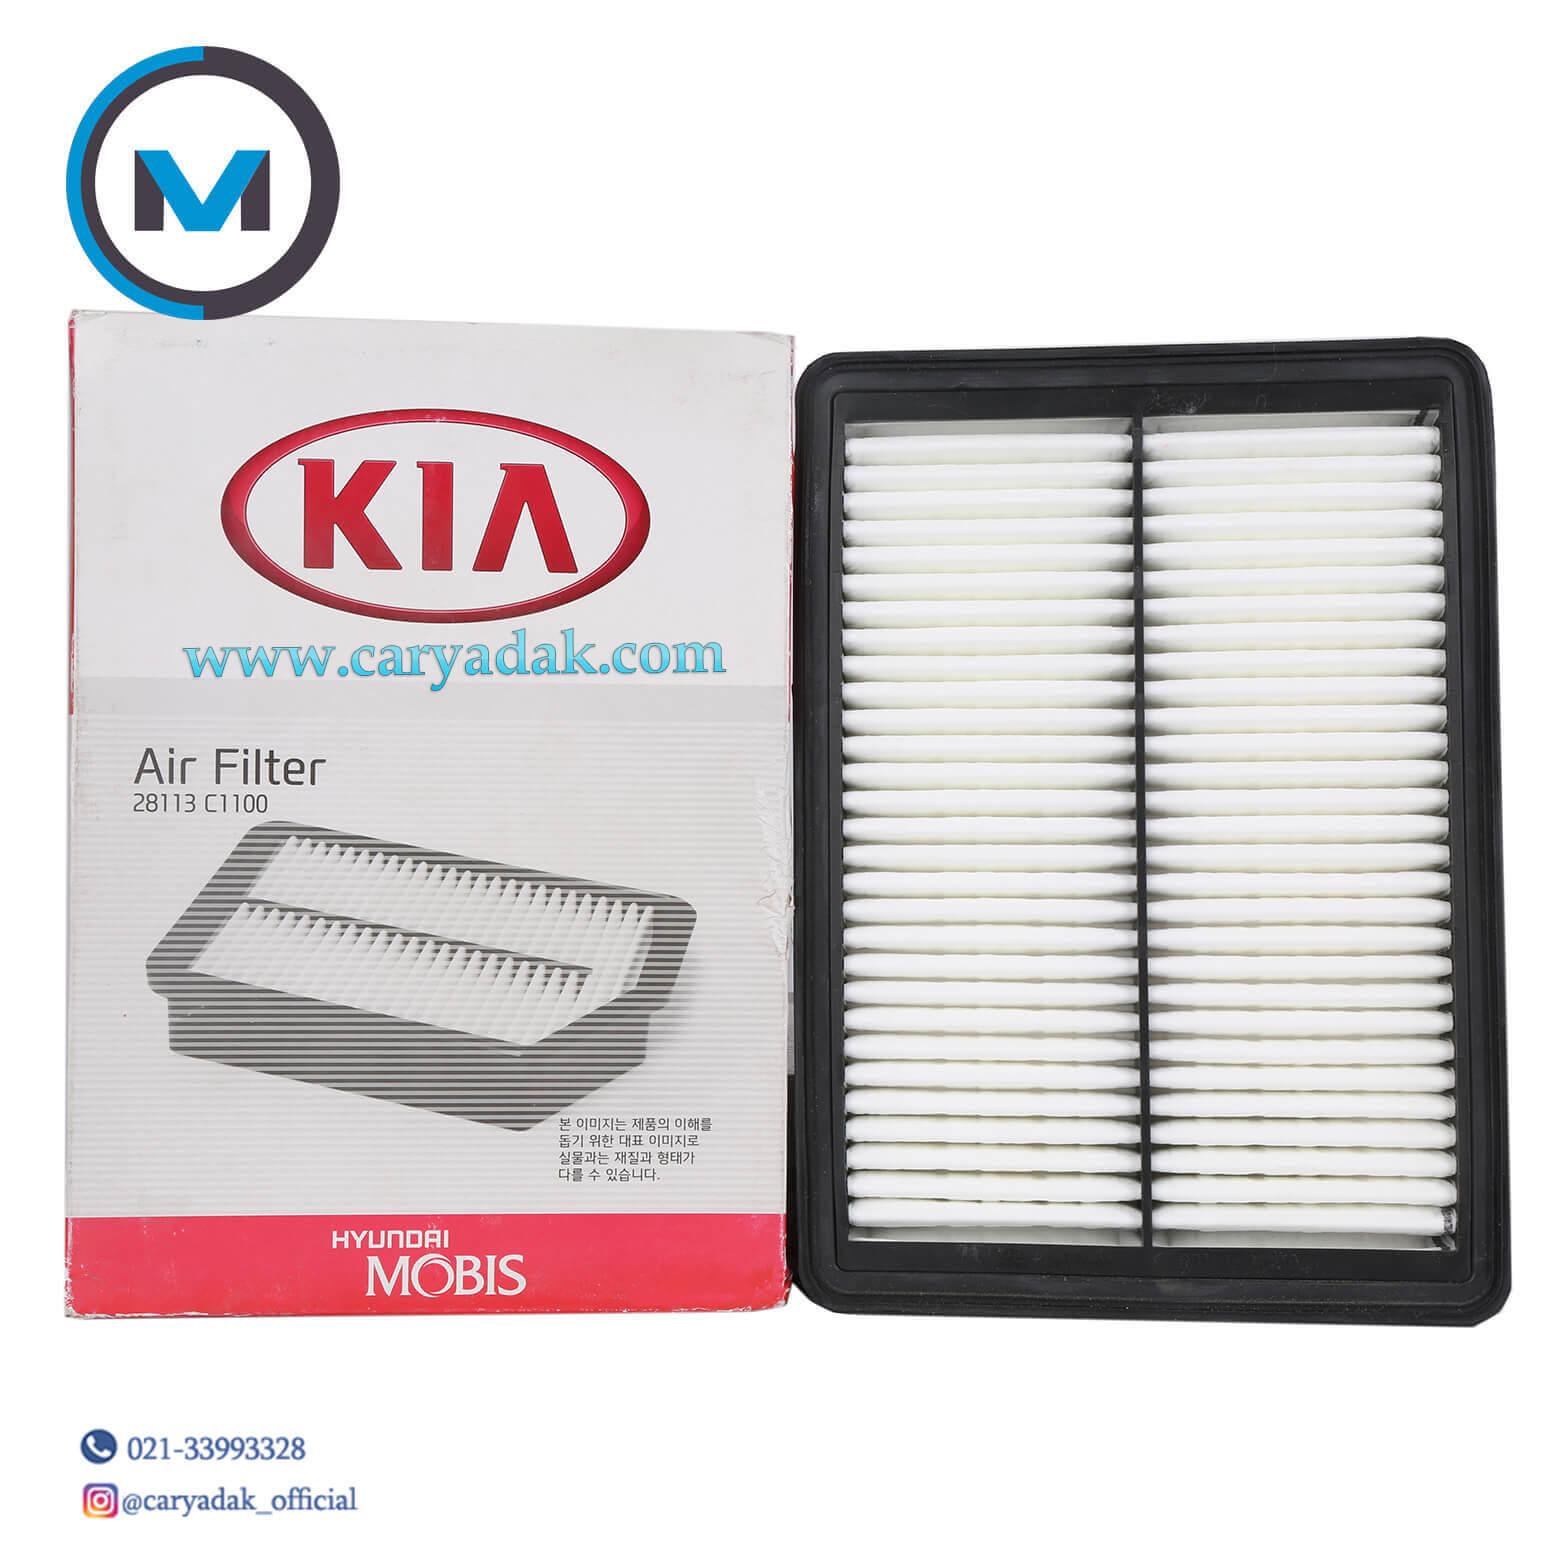 فیلتر هوا ۲۸۱۱۳C1100